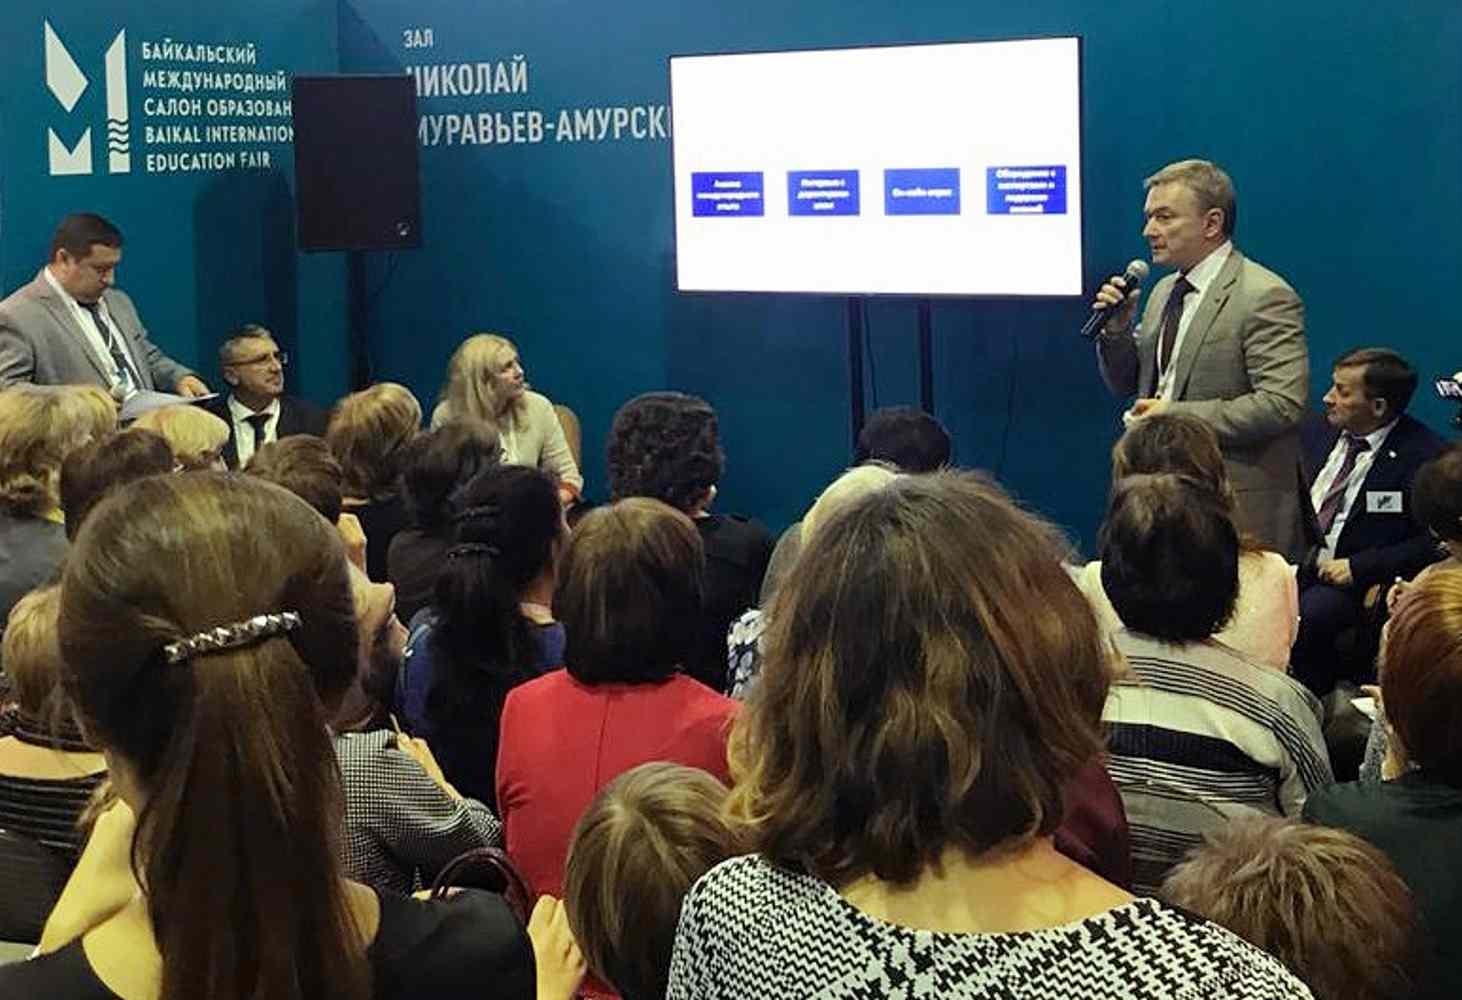 issledovanie-95-direktorov-rossijskih-shkol-ne-imeyut-upravlencheskogo-obrazovaniya